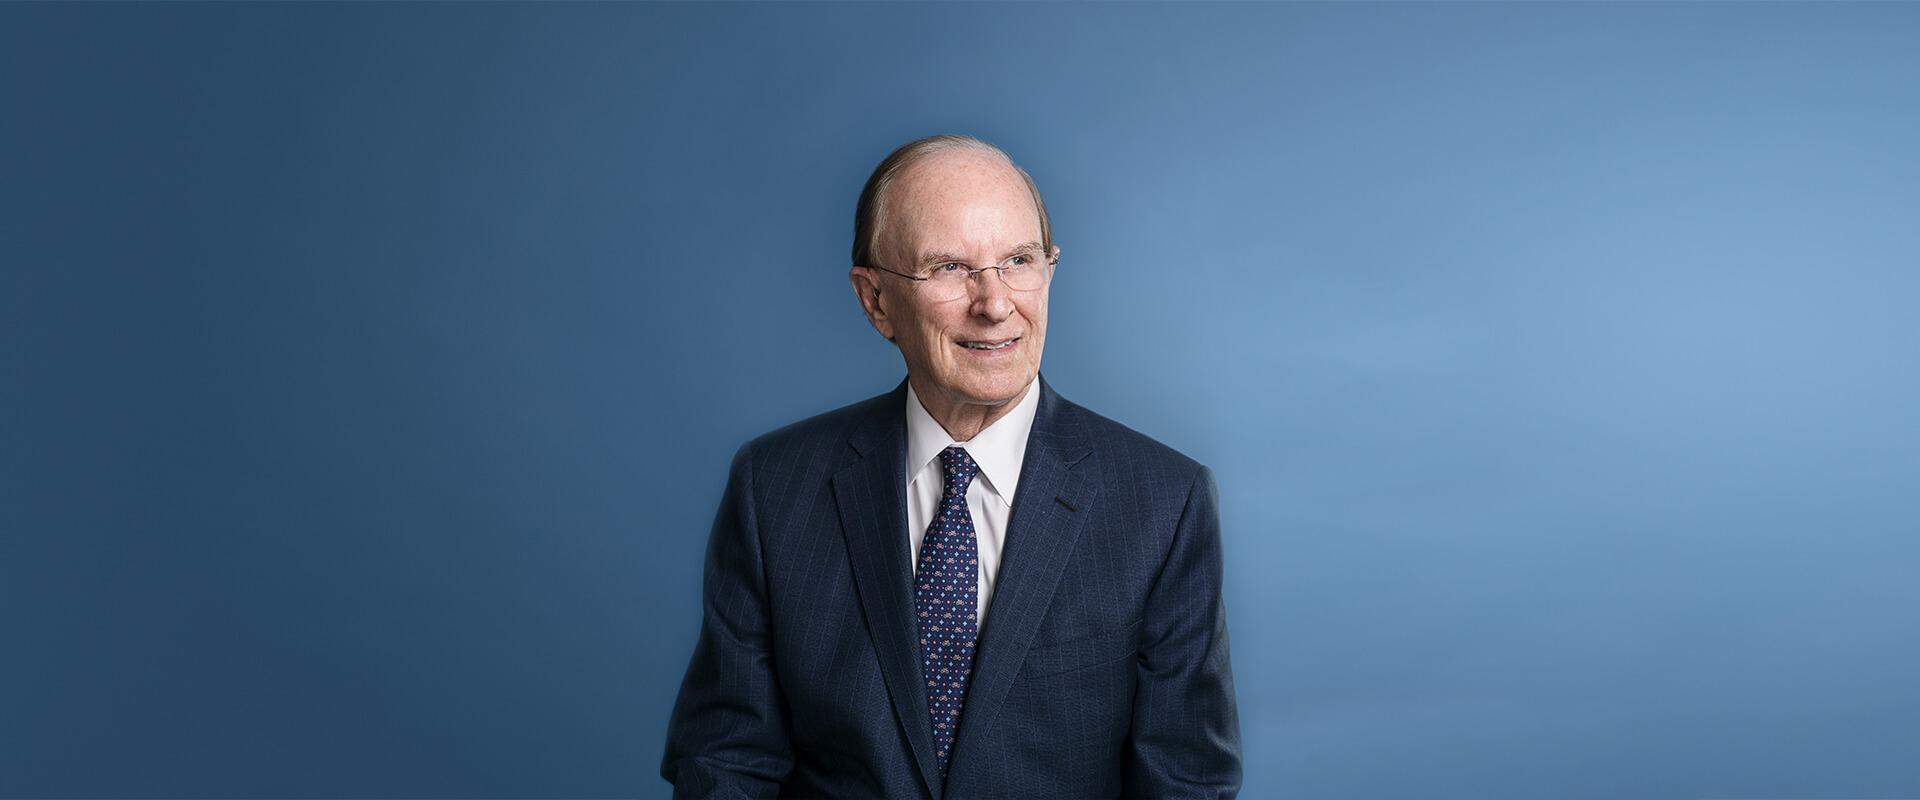 Judge Nelson Wolff